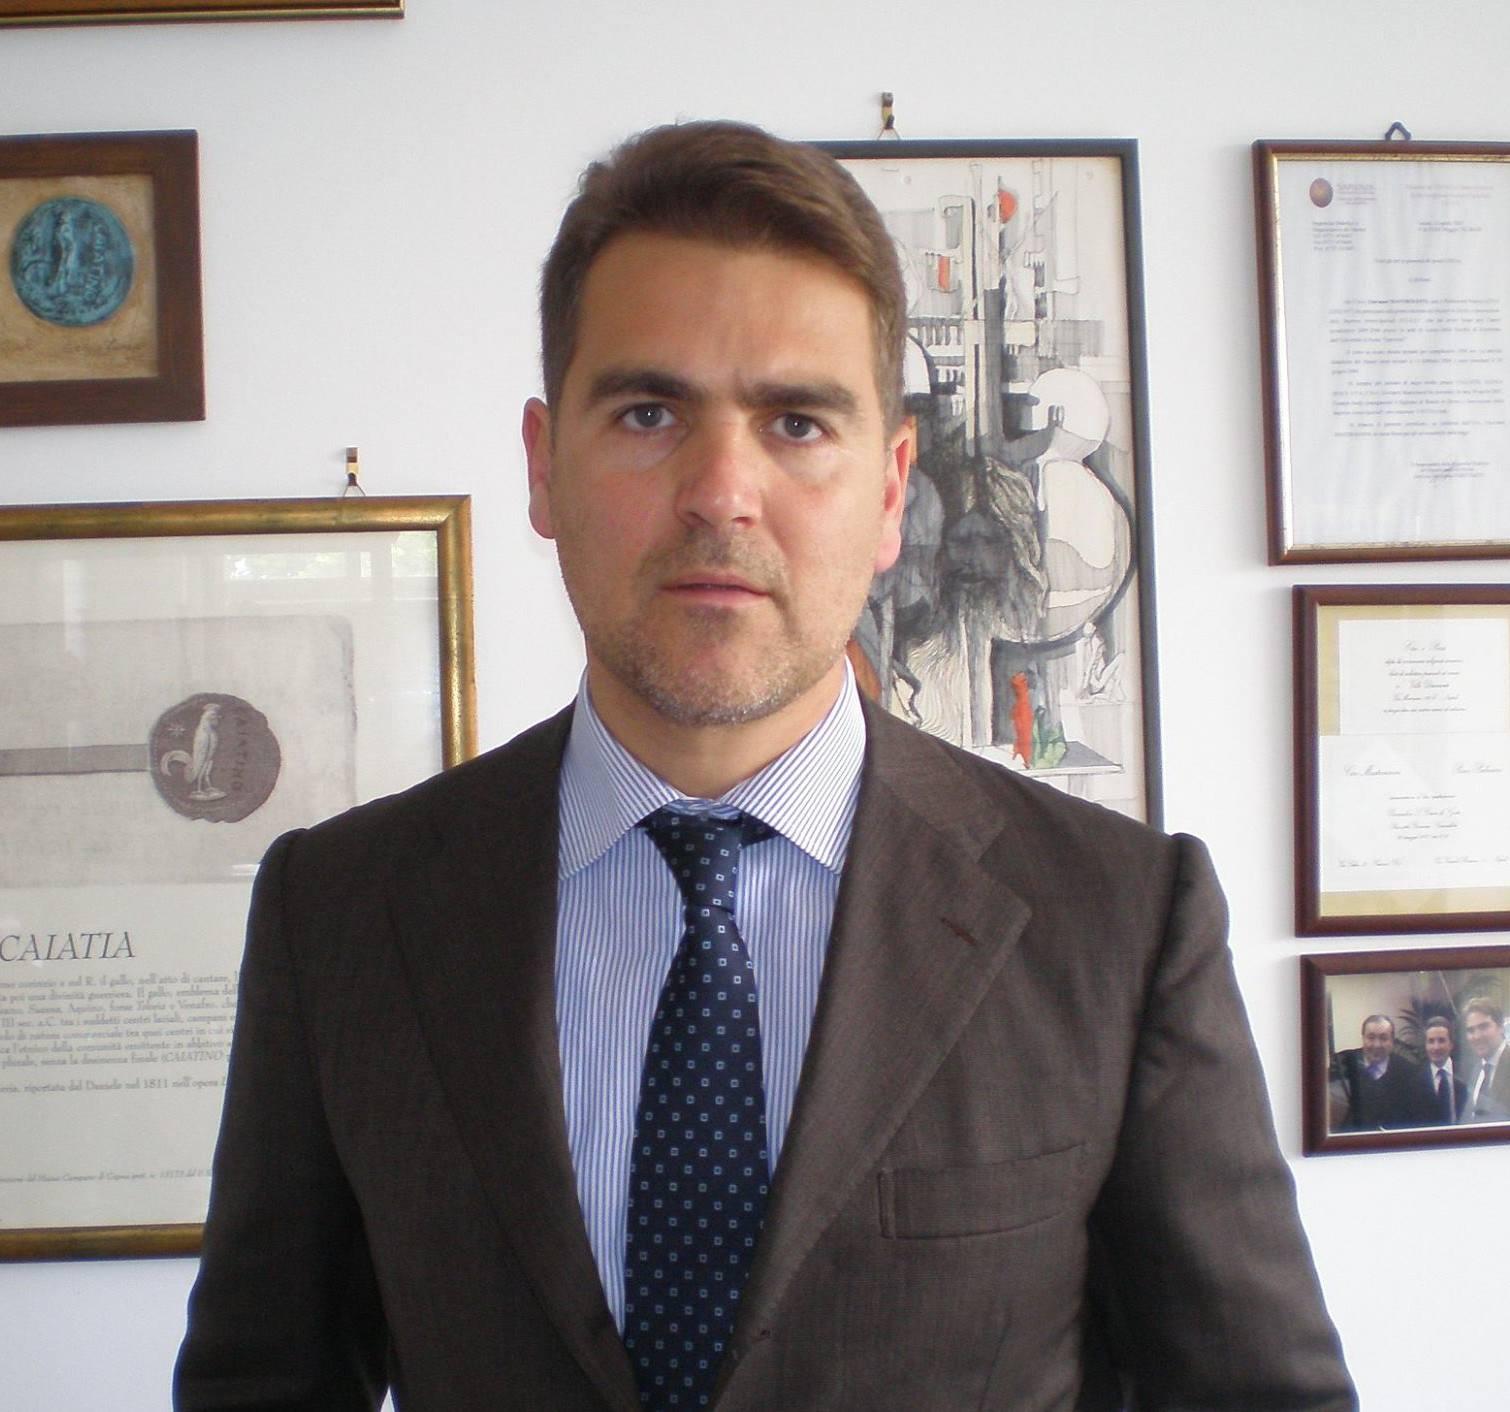 Giovanni Mastroianni